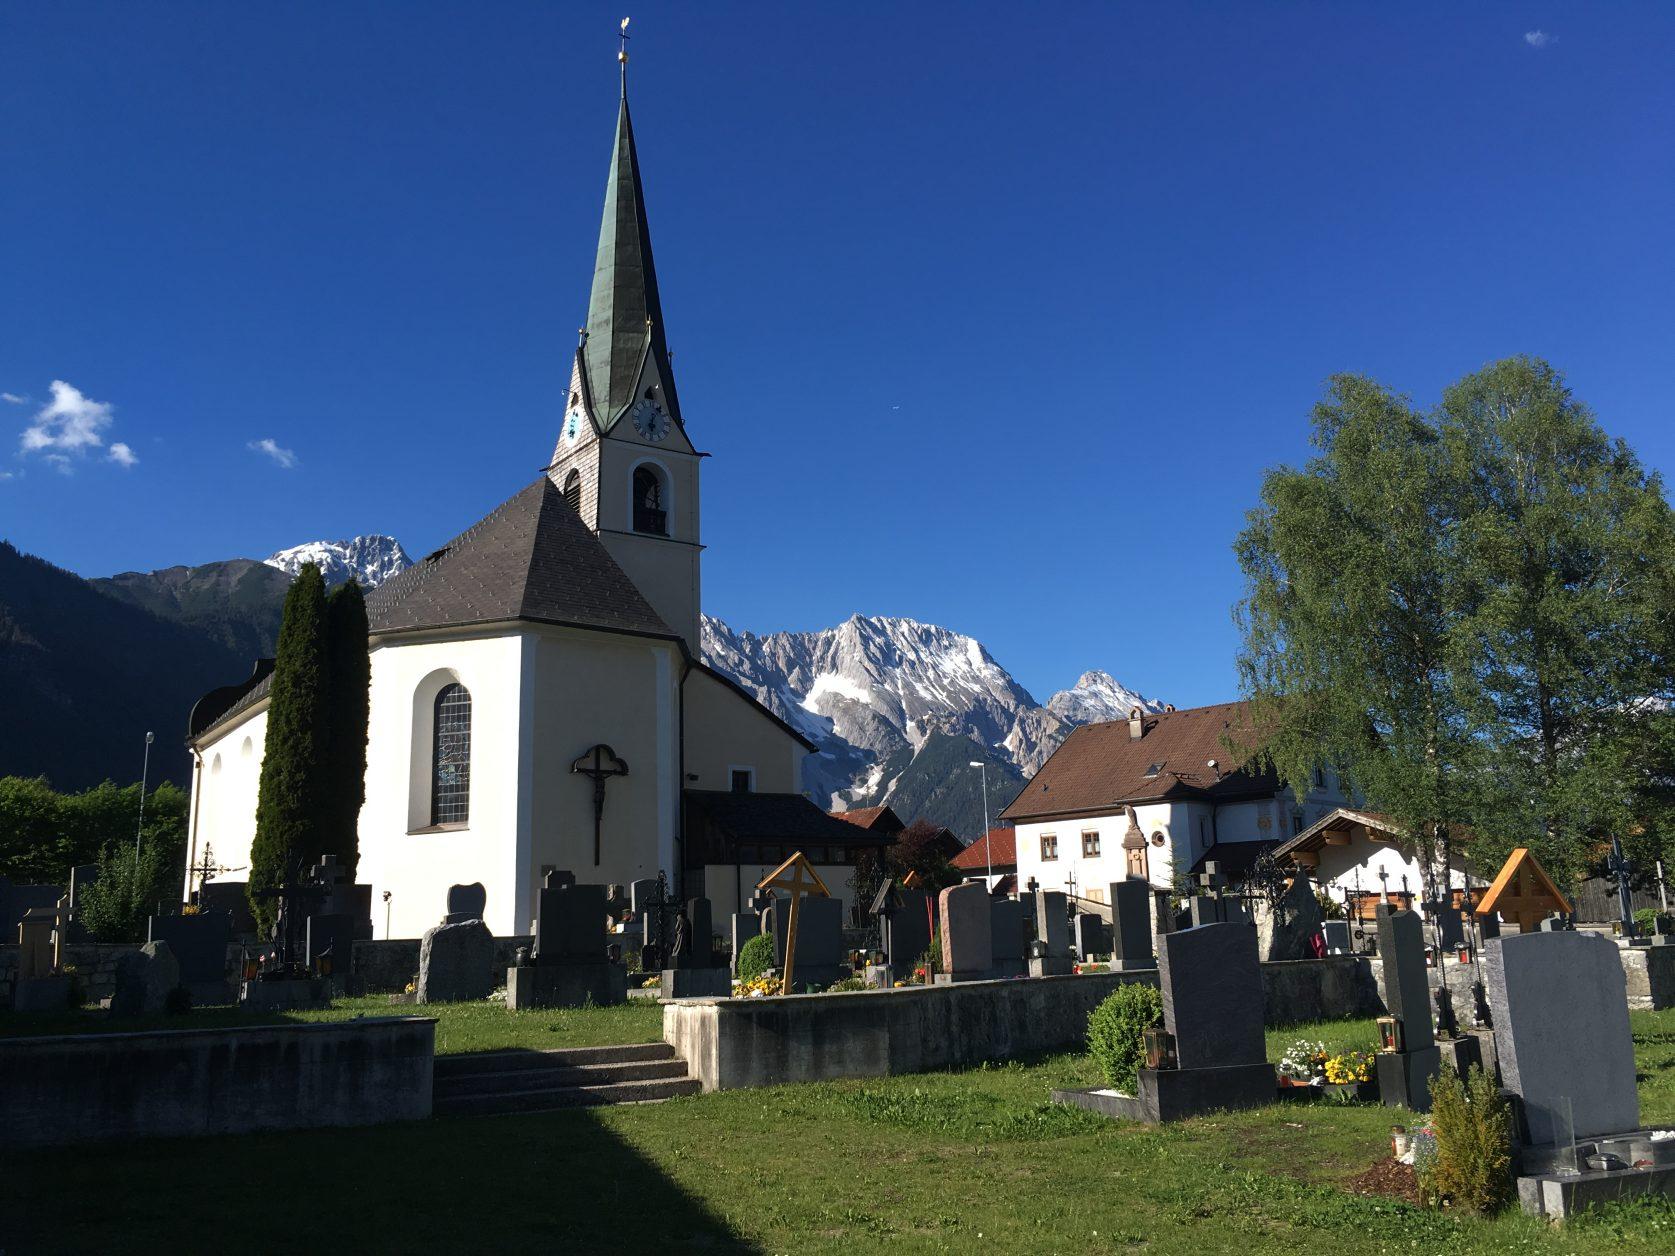 Die Kirche von Obsteig in Tirol. Foto: D.Weirauch